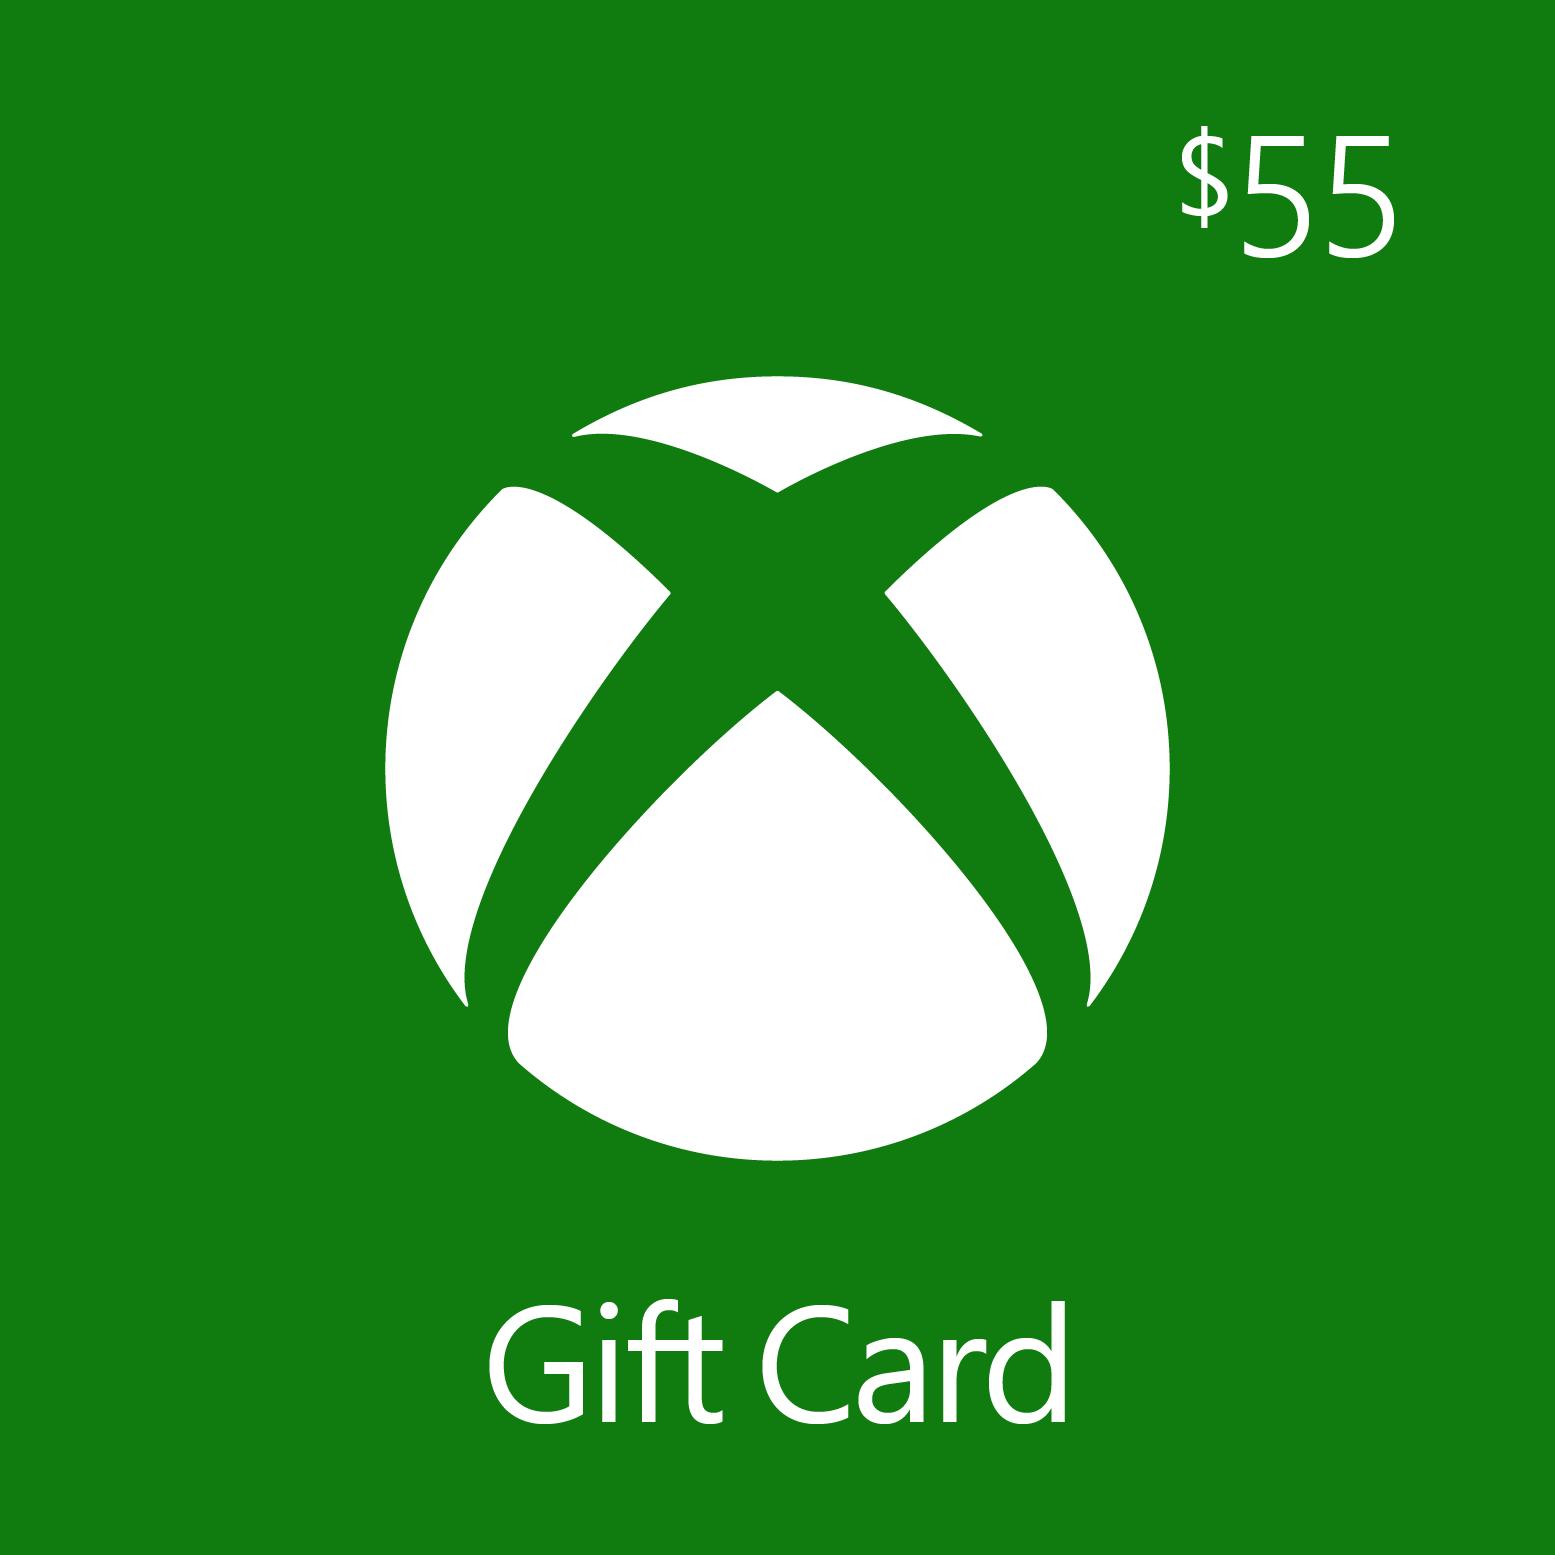 $55.00 Xbox Digital Gift Card